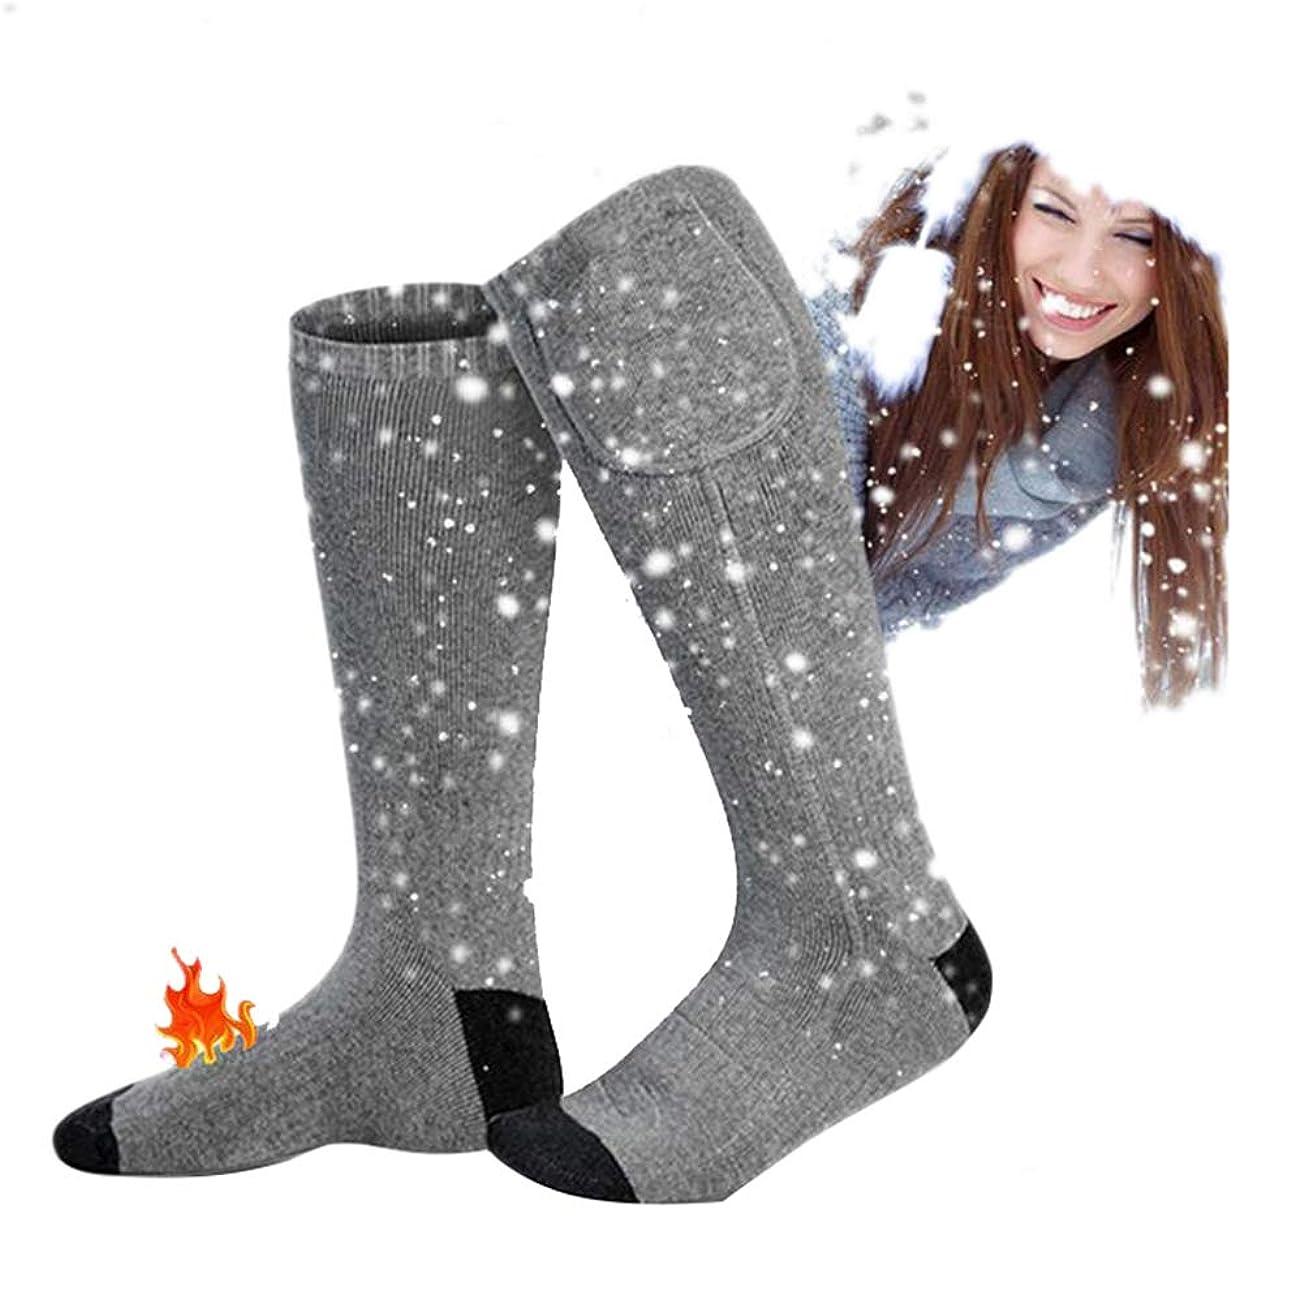 再びどんよりした解決男性女性のための電気温水靴下 充電式バッテリー熱靴下冬スポーツ屋外スキー狩猟キャンプハイキング暖かい綿靴下足